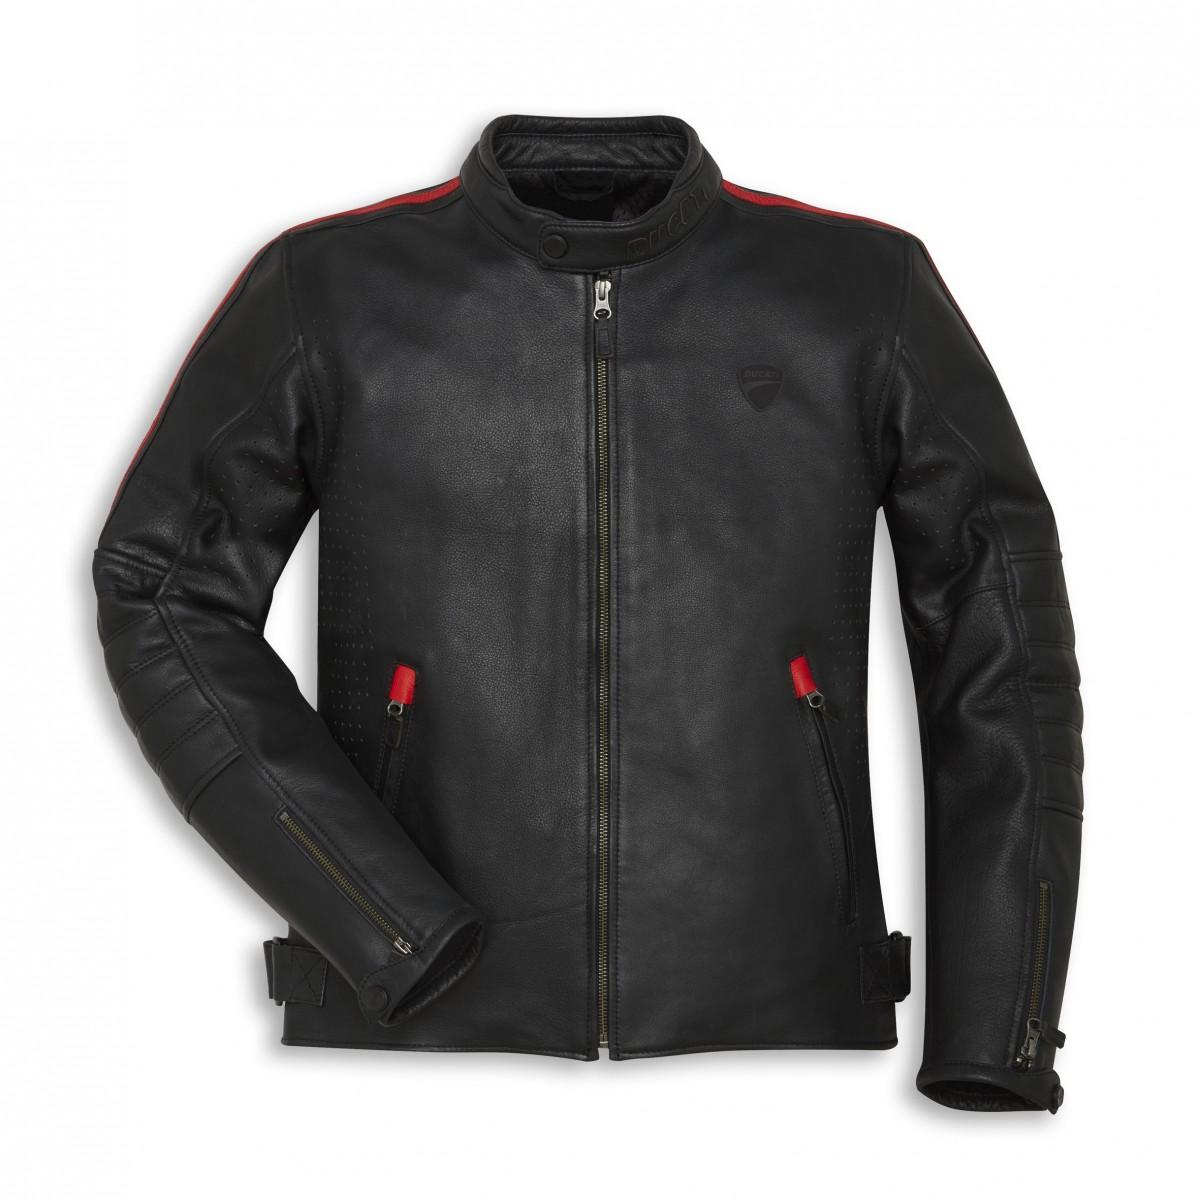 Bundy - DUCATI SHOP - značkové oblečení a příslušenství Ducati. 6466581ded